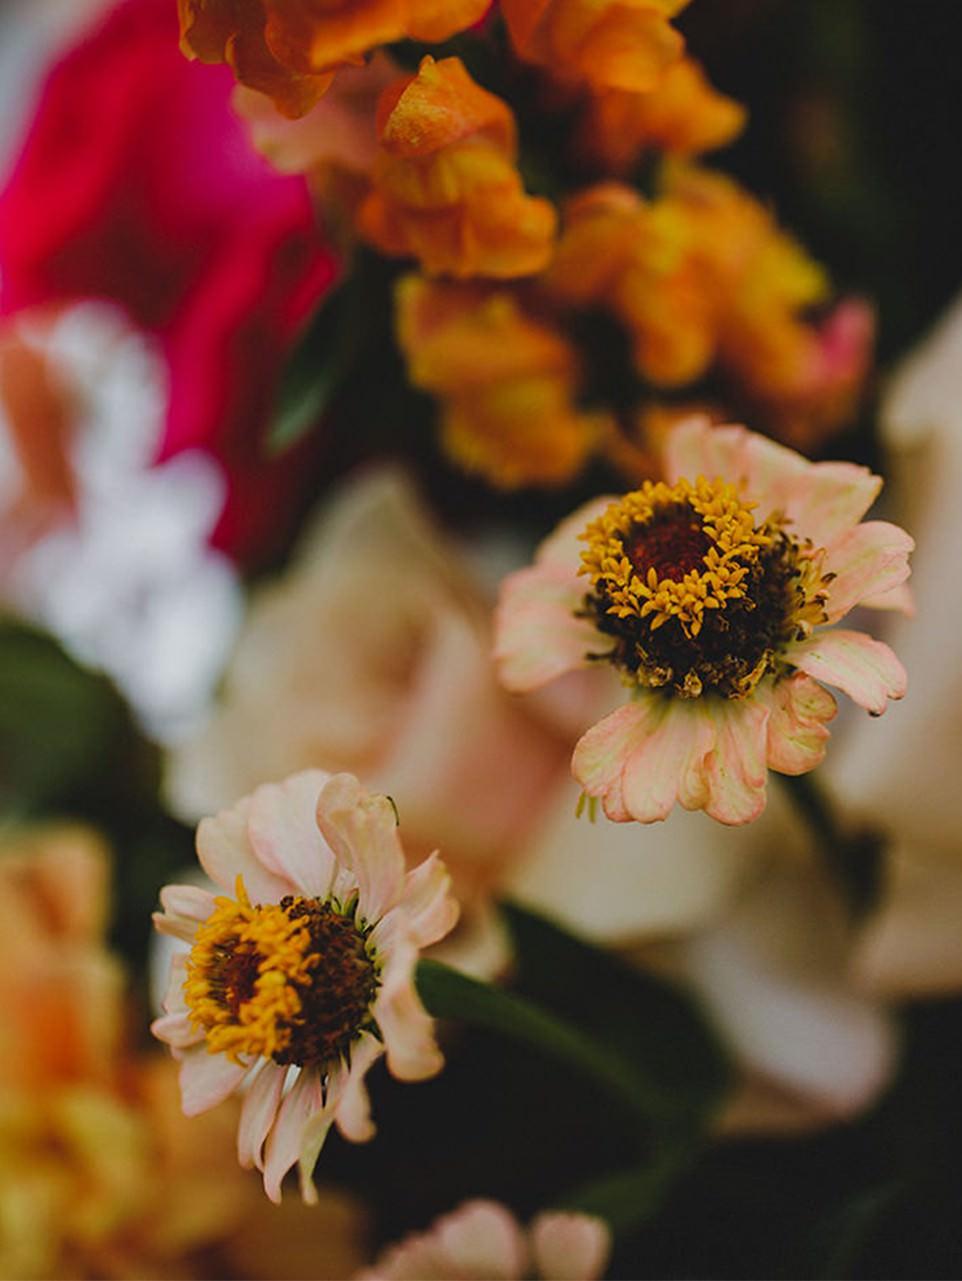 PRIYA-+-JOE--Wedding-Floral_0003s_0000_PRIYA-+-JOE-1.jpg